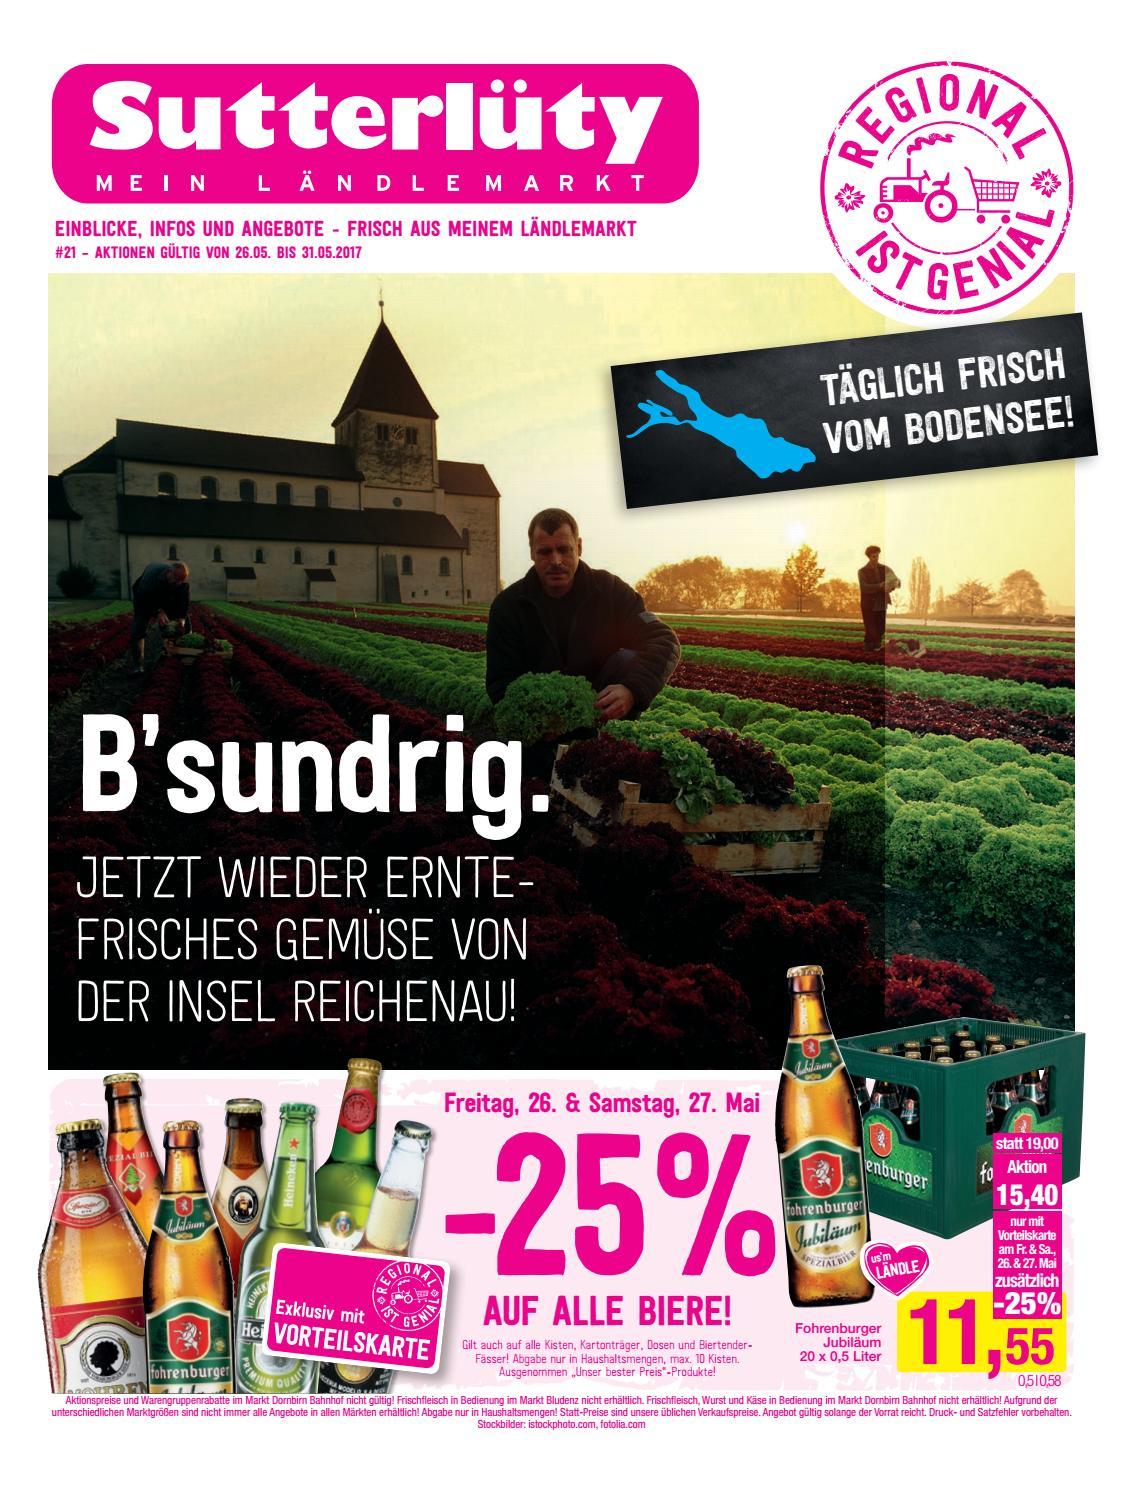 20+ Sutterluety kw8 by Russmedia Digital GmbH   issuu Kollektion